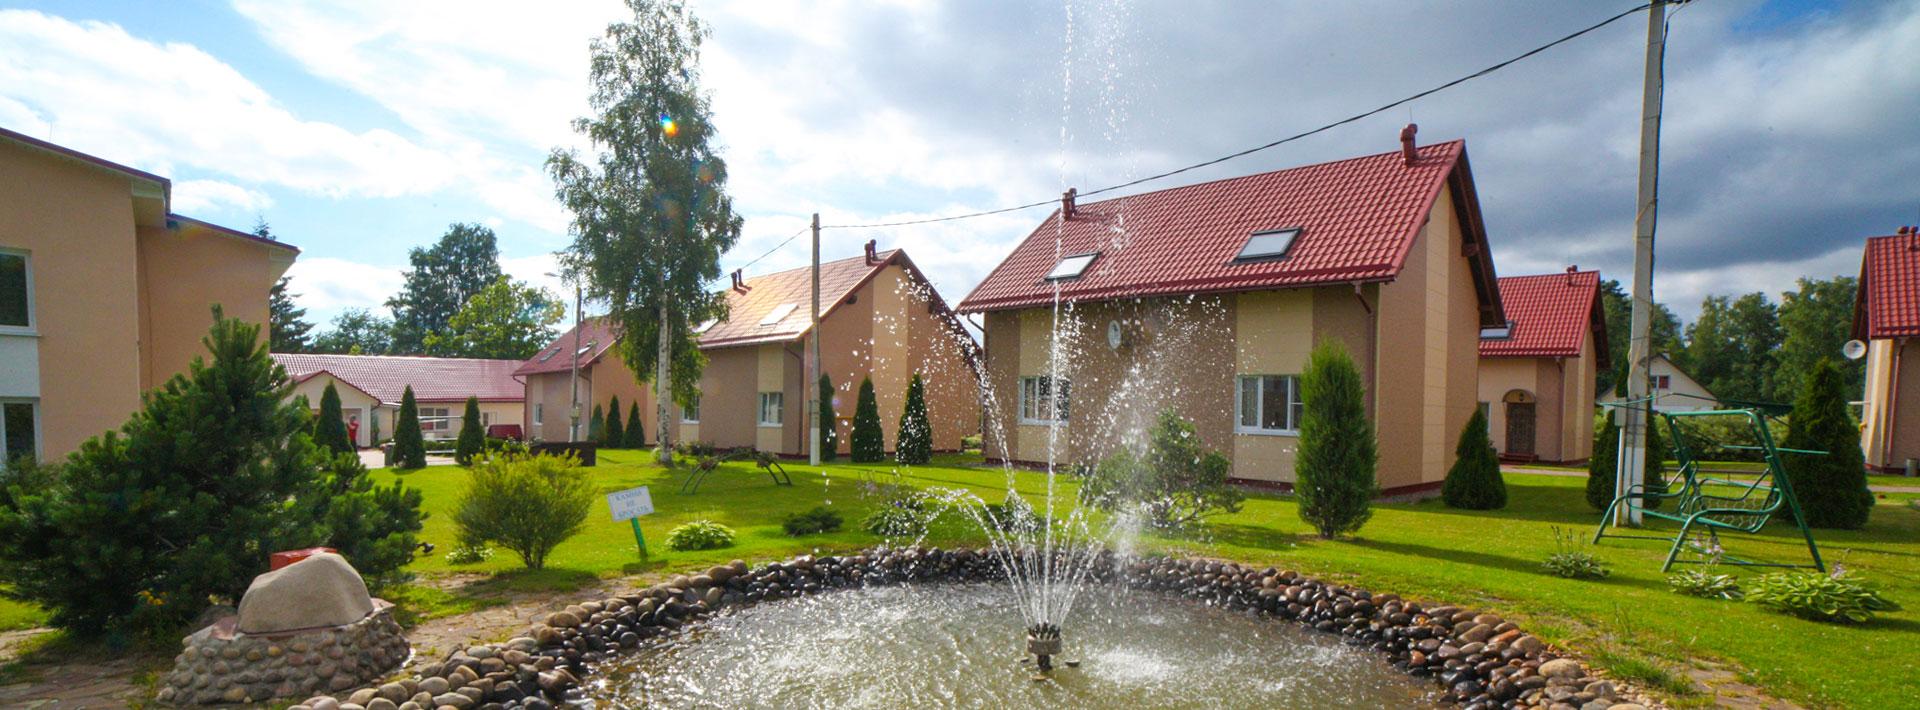 Вид на фонтан и коттеджи с лужайки. База отдыха Розовая дача